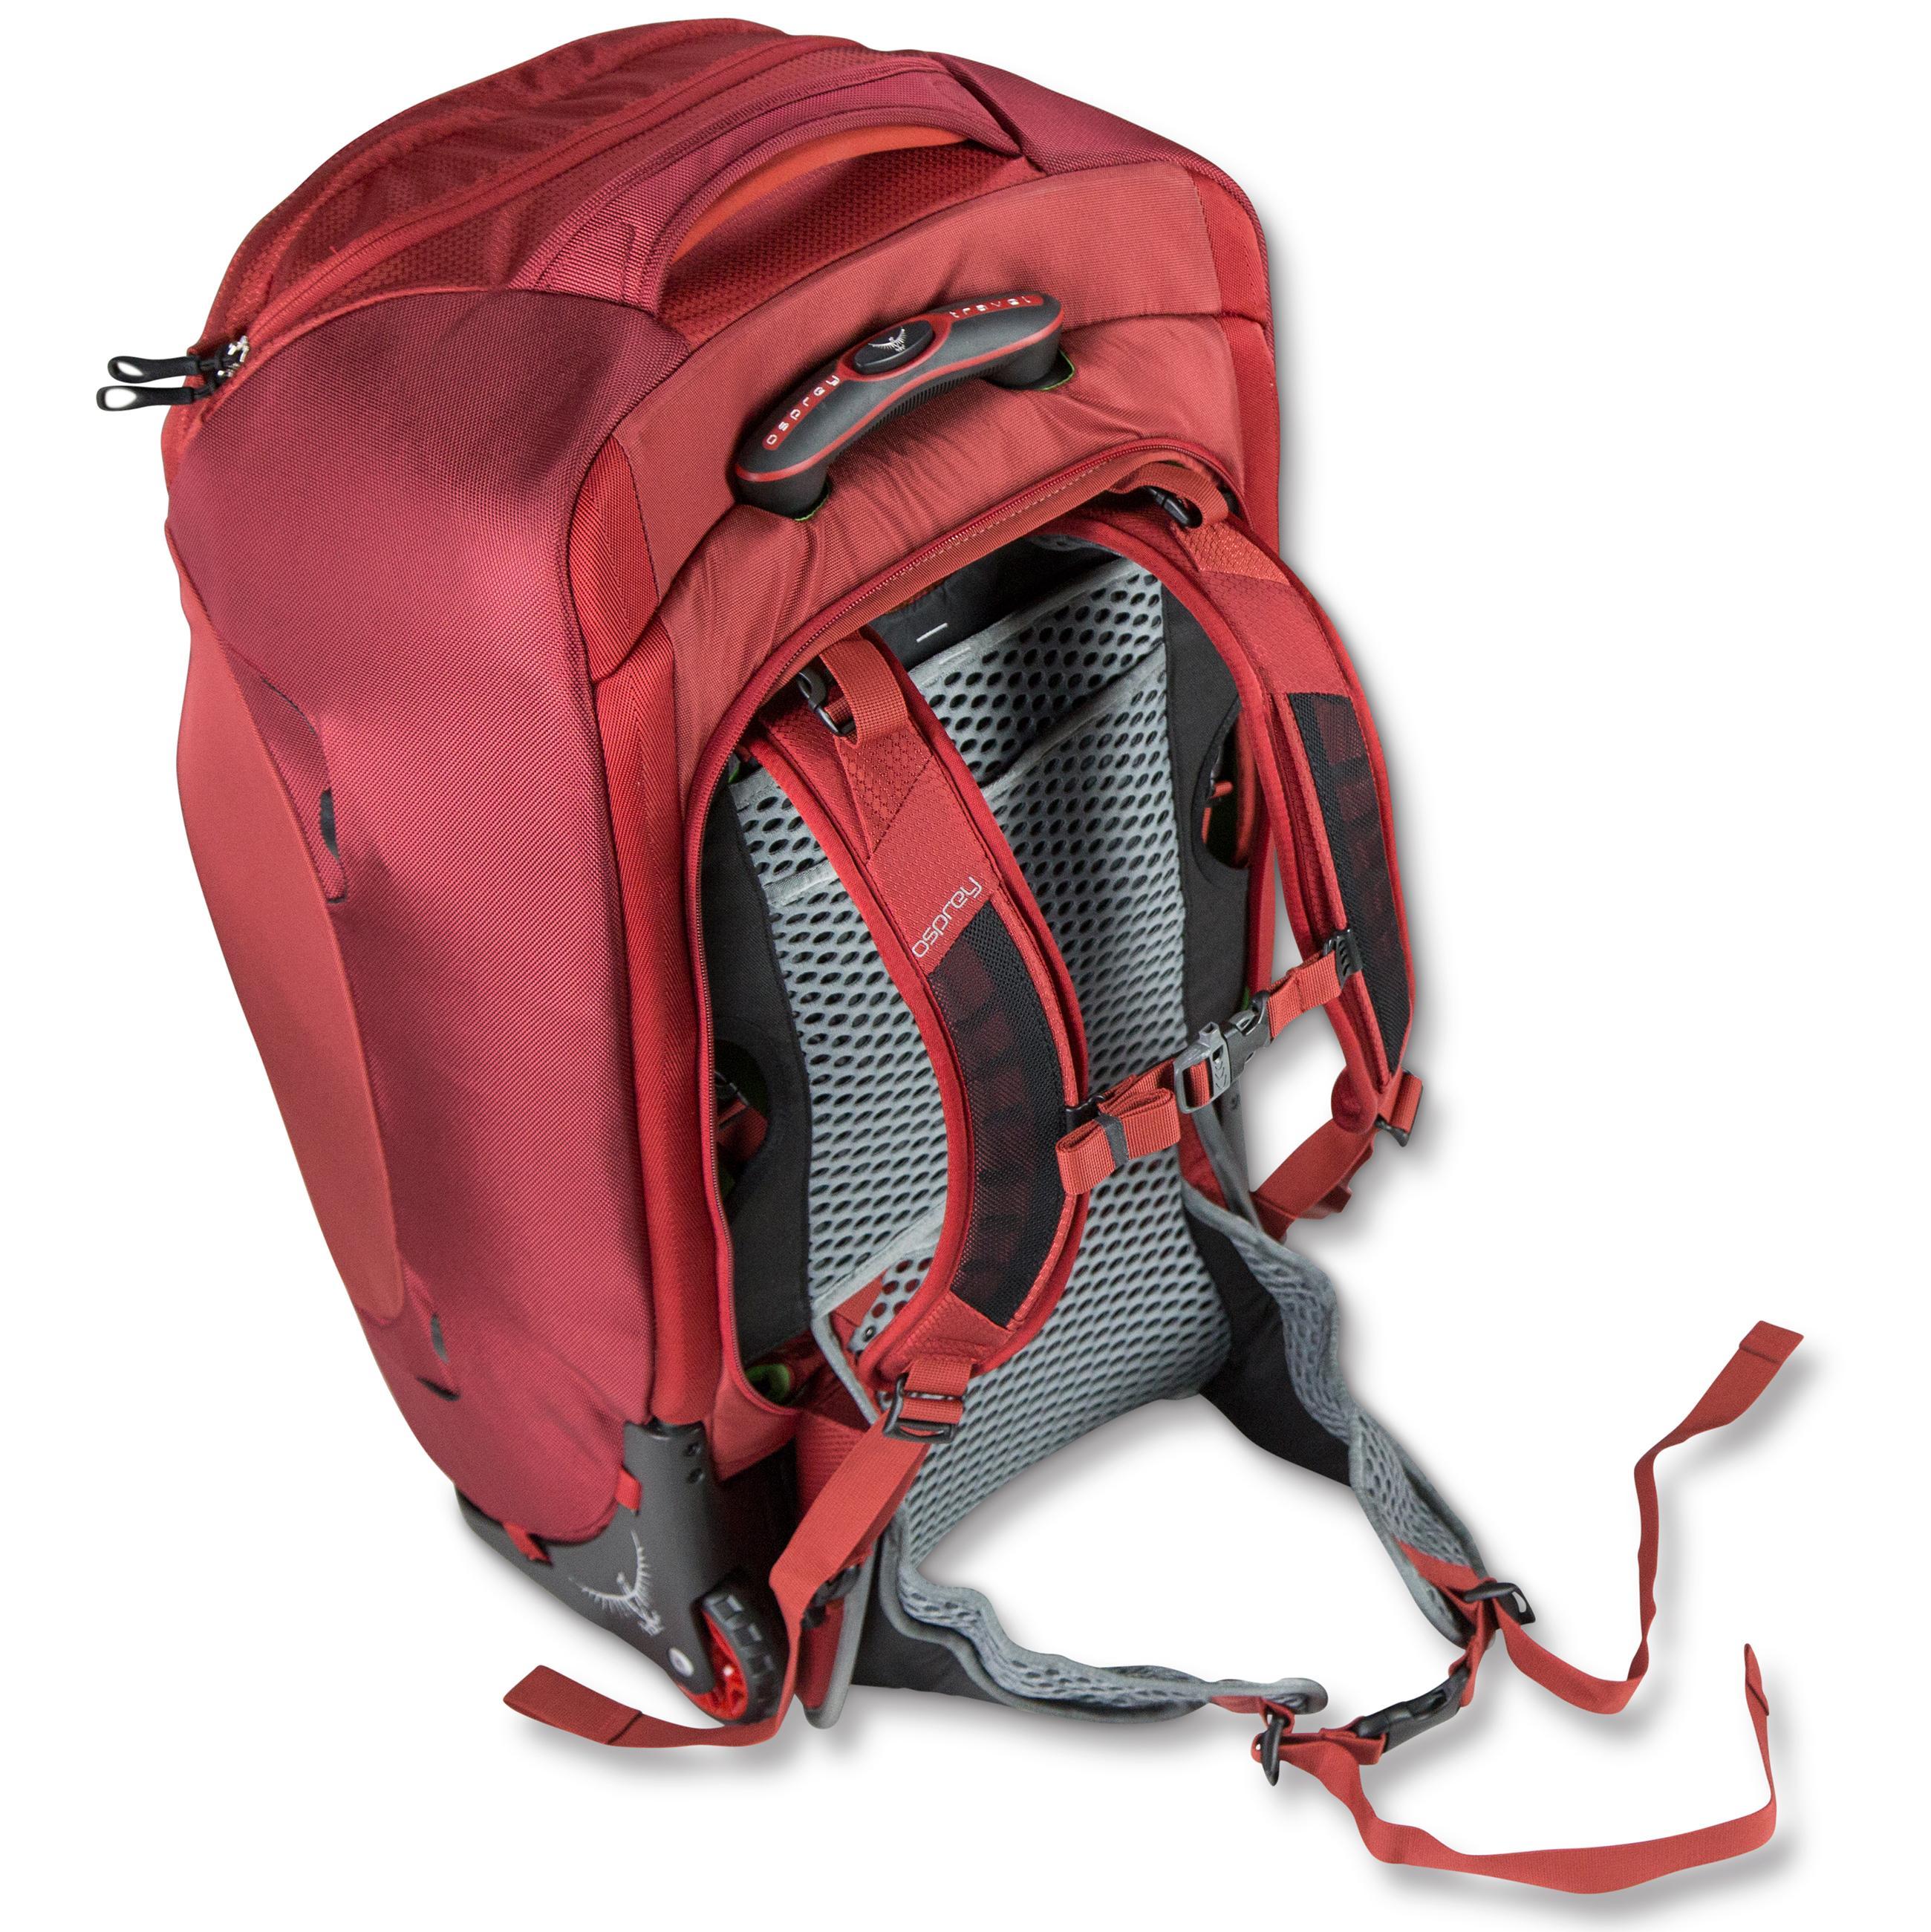 Amazon.com : Osprey Packs Sojourn Wheeled Luggage, Flash Black, 60 L